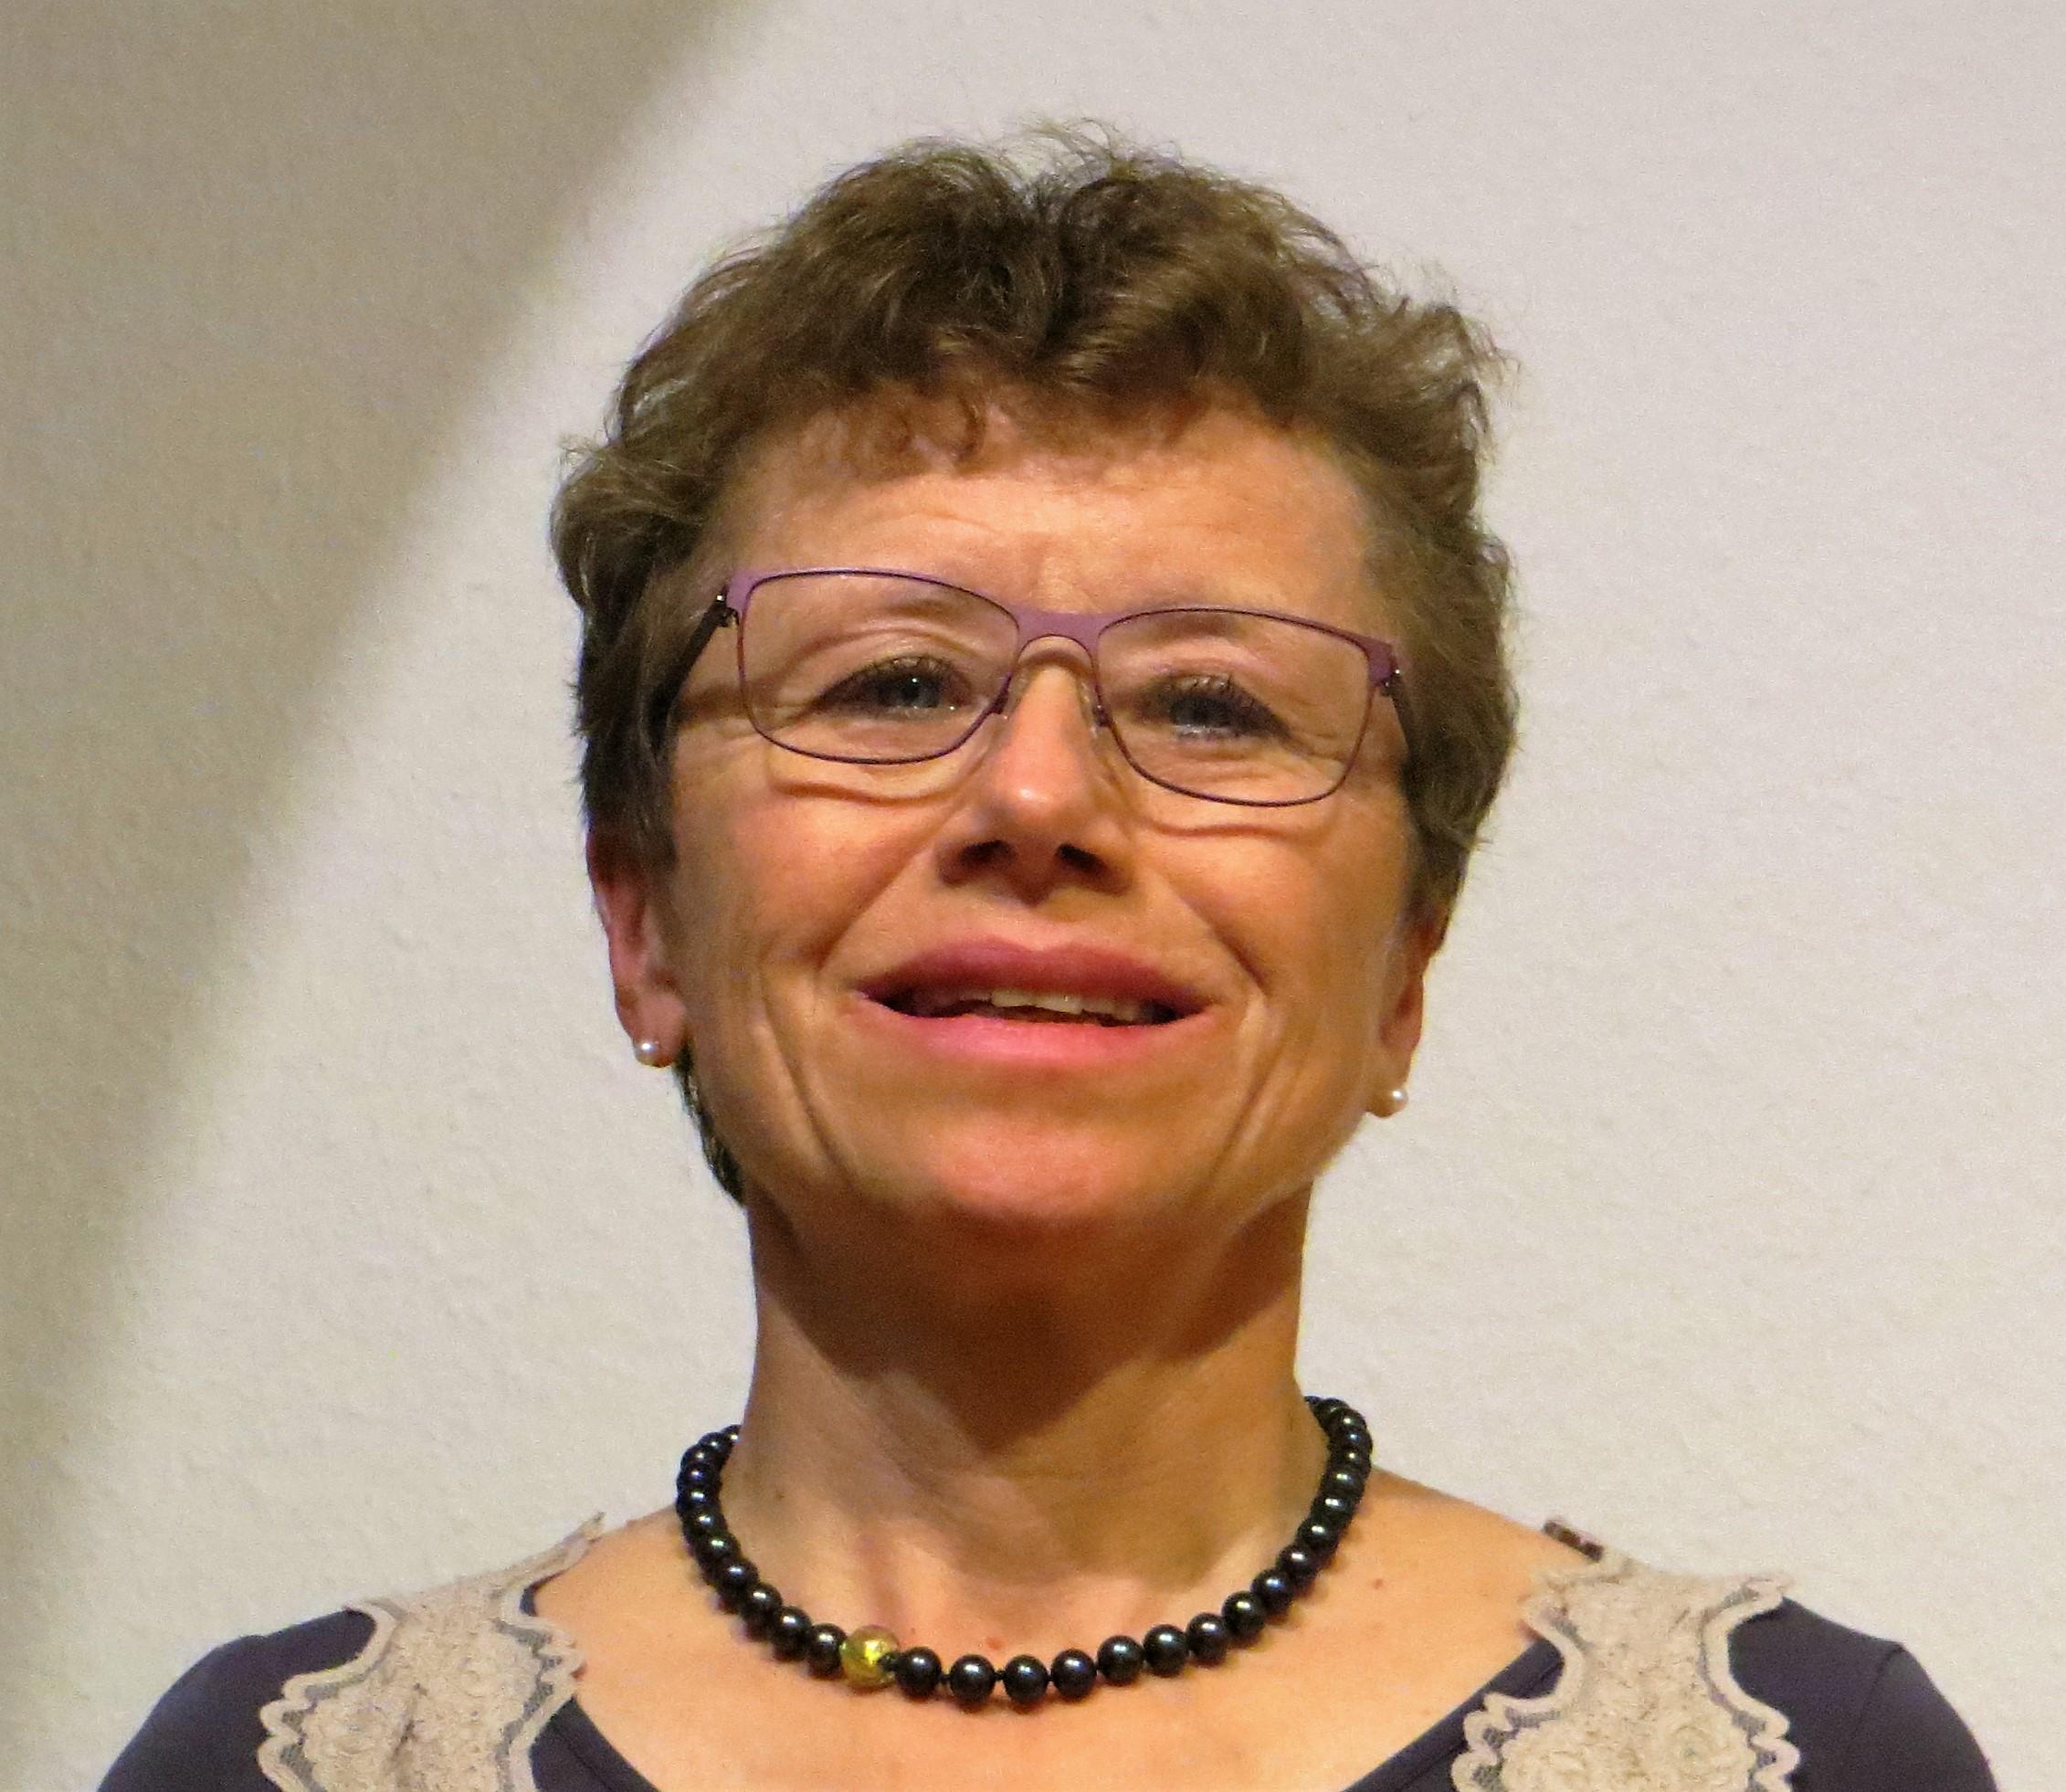 C. Schneider